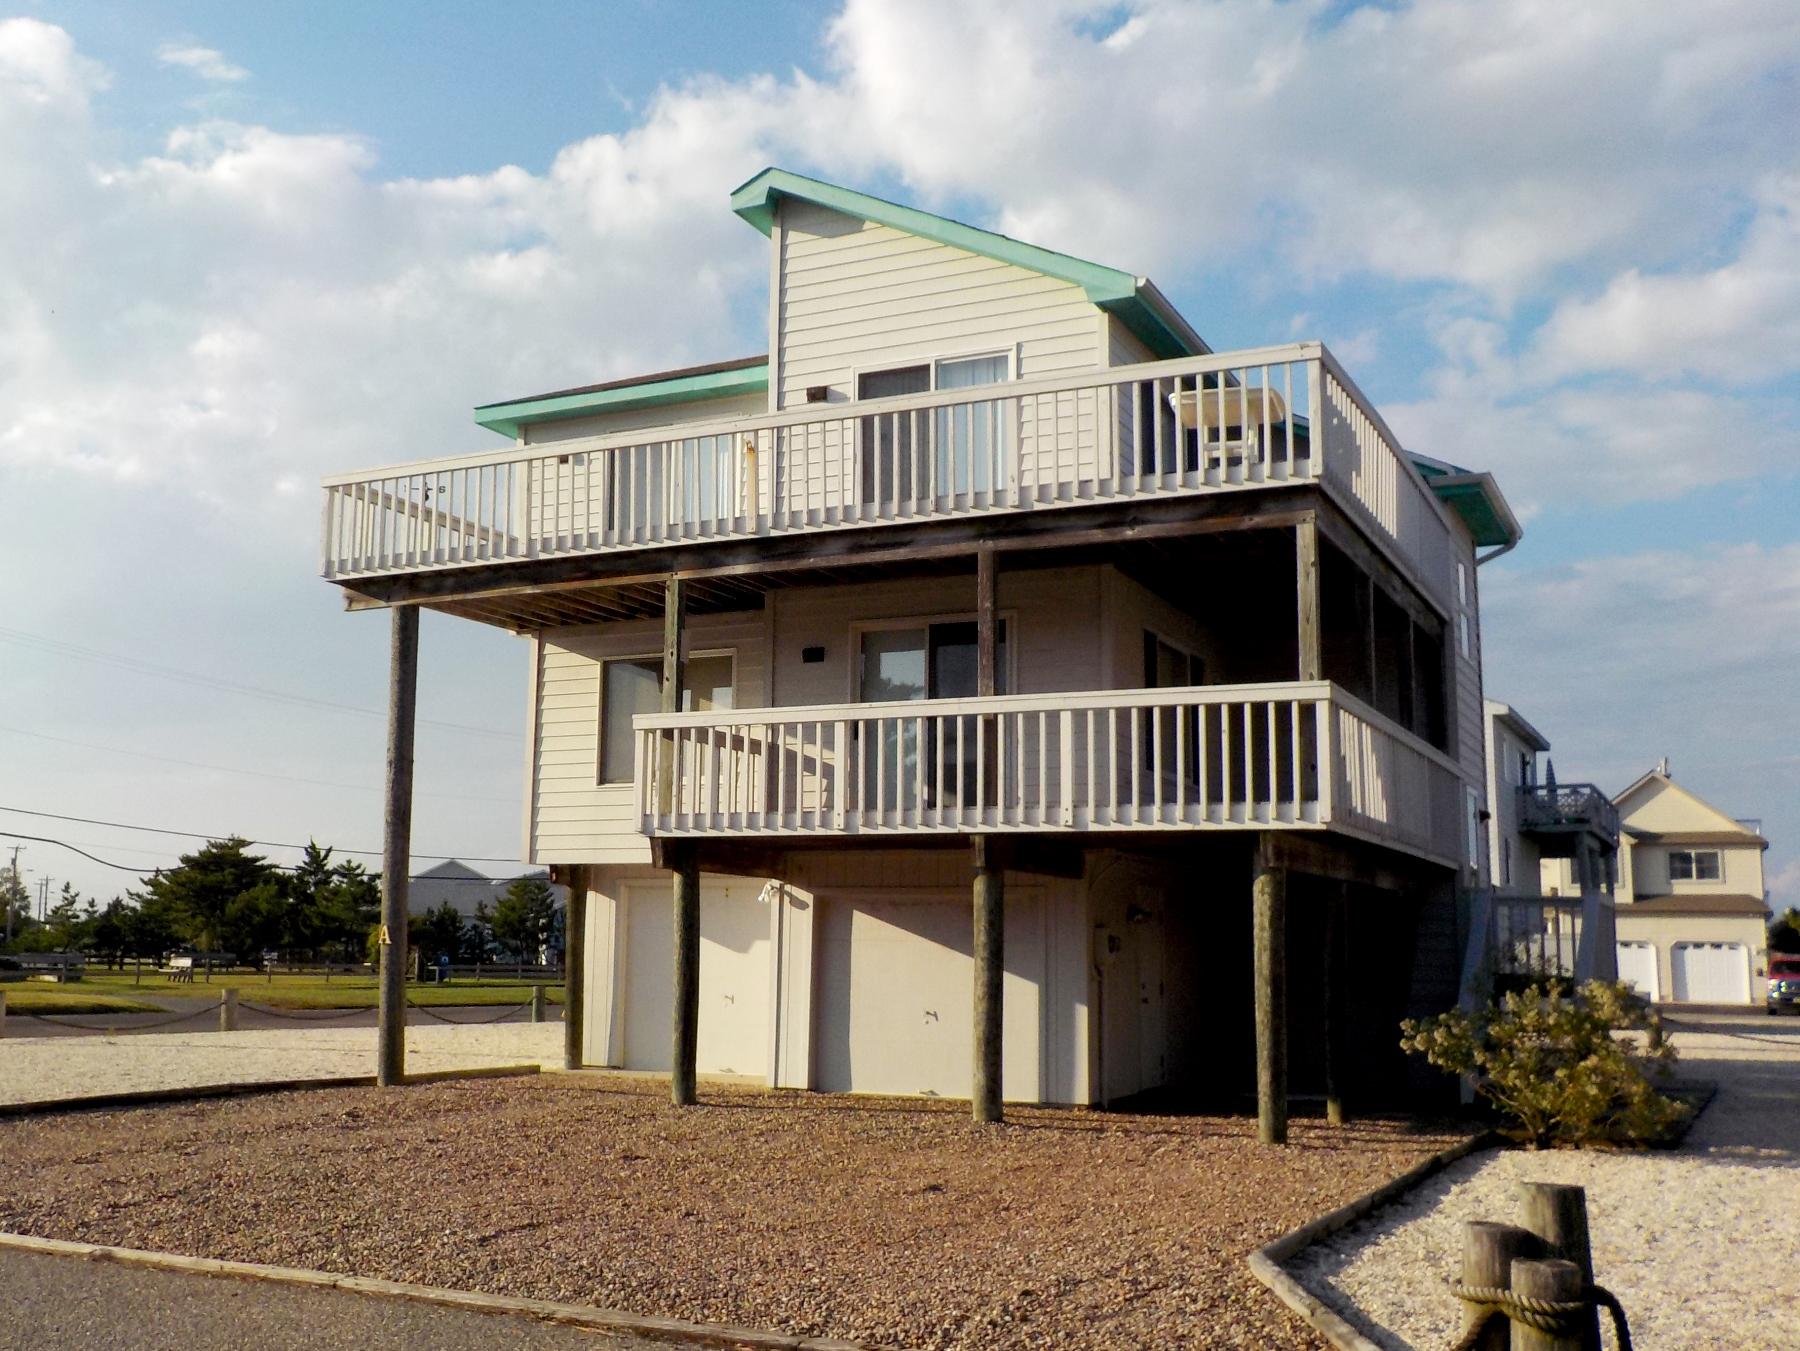 Maison unifamiliale pour l Vente à HARBOR IDYL 1A Sunset Blvd. High Bar Harbor, Long Beach Township, New Jersey, 08008 États-Unis